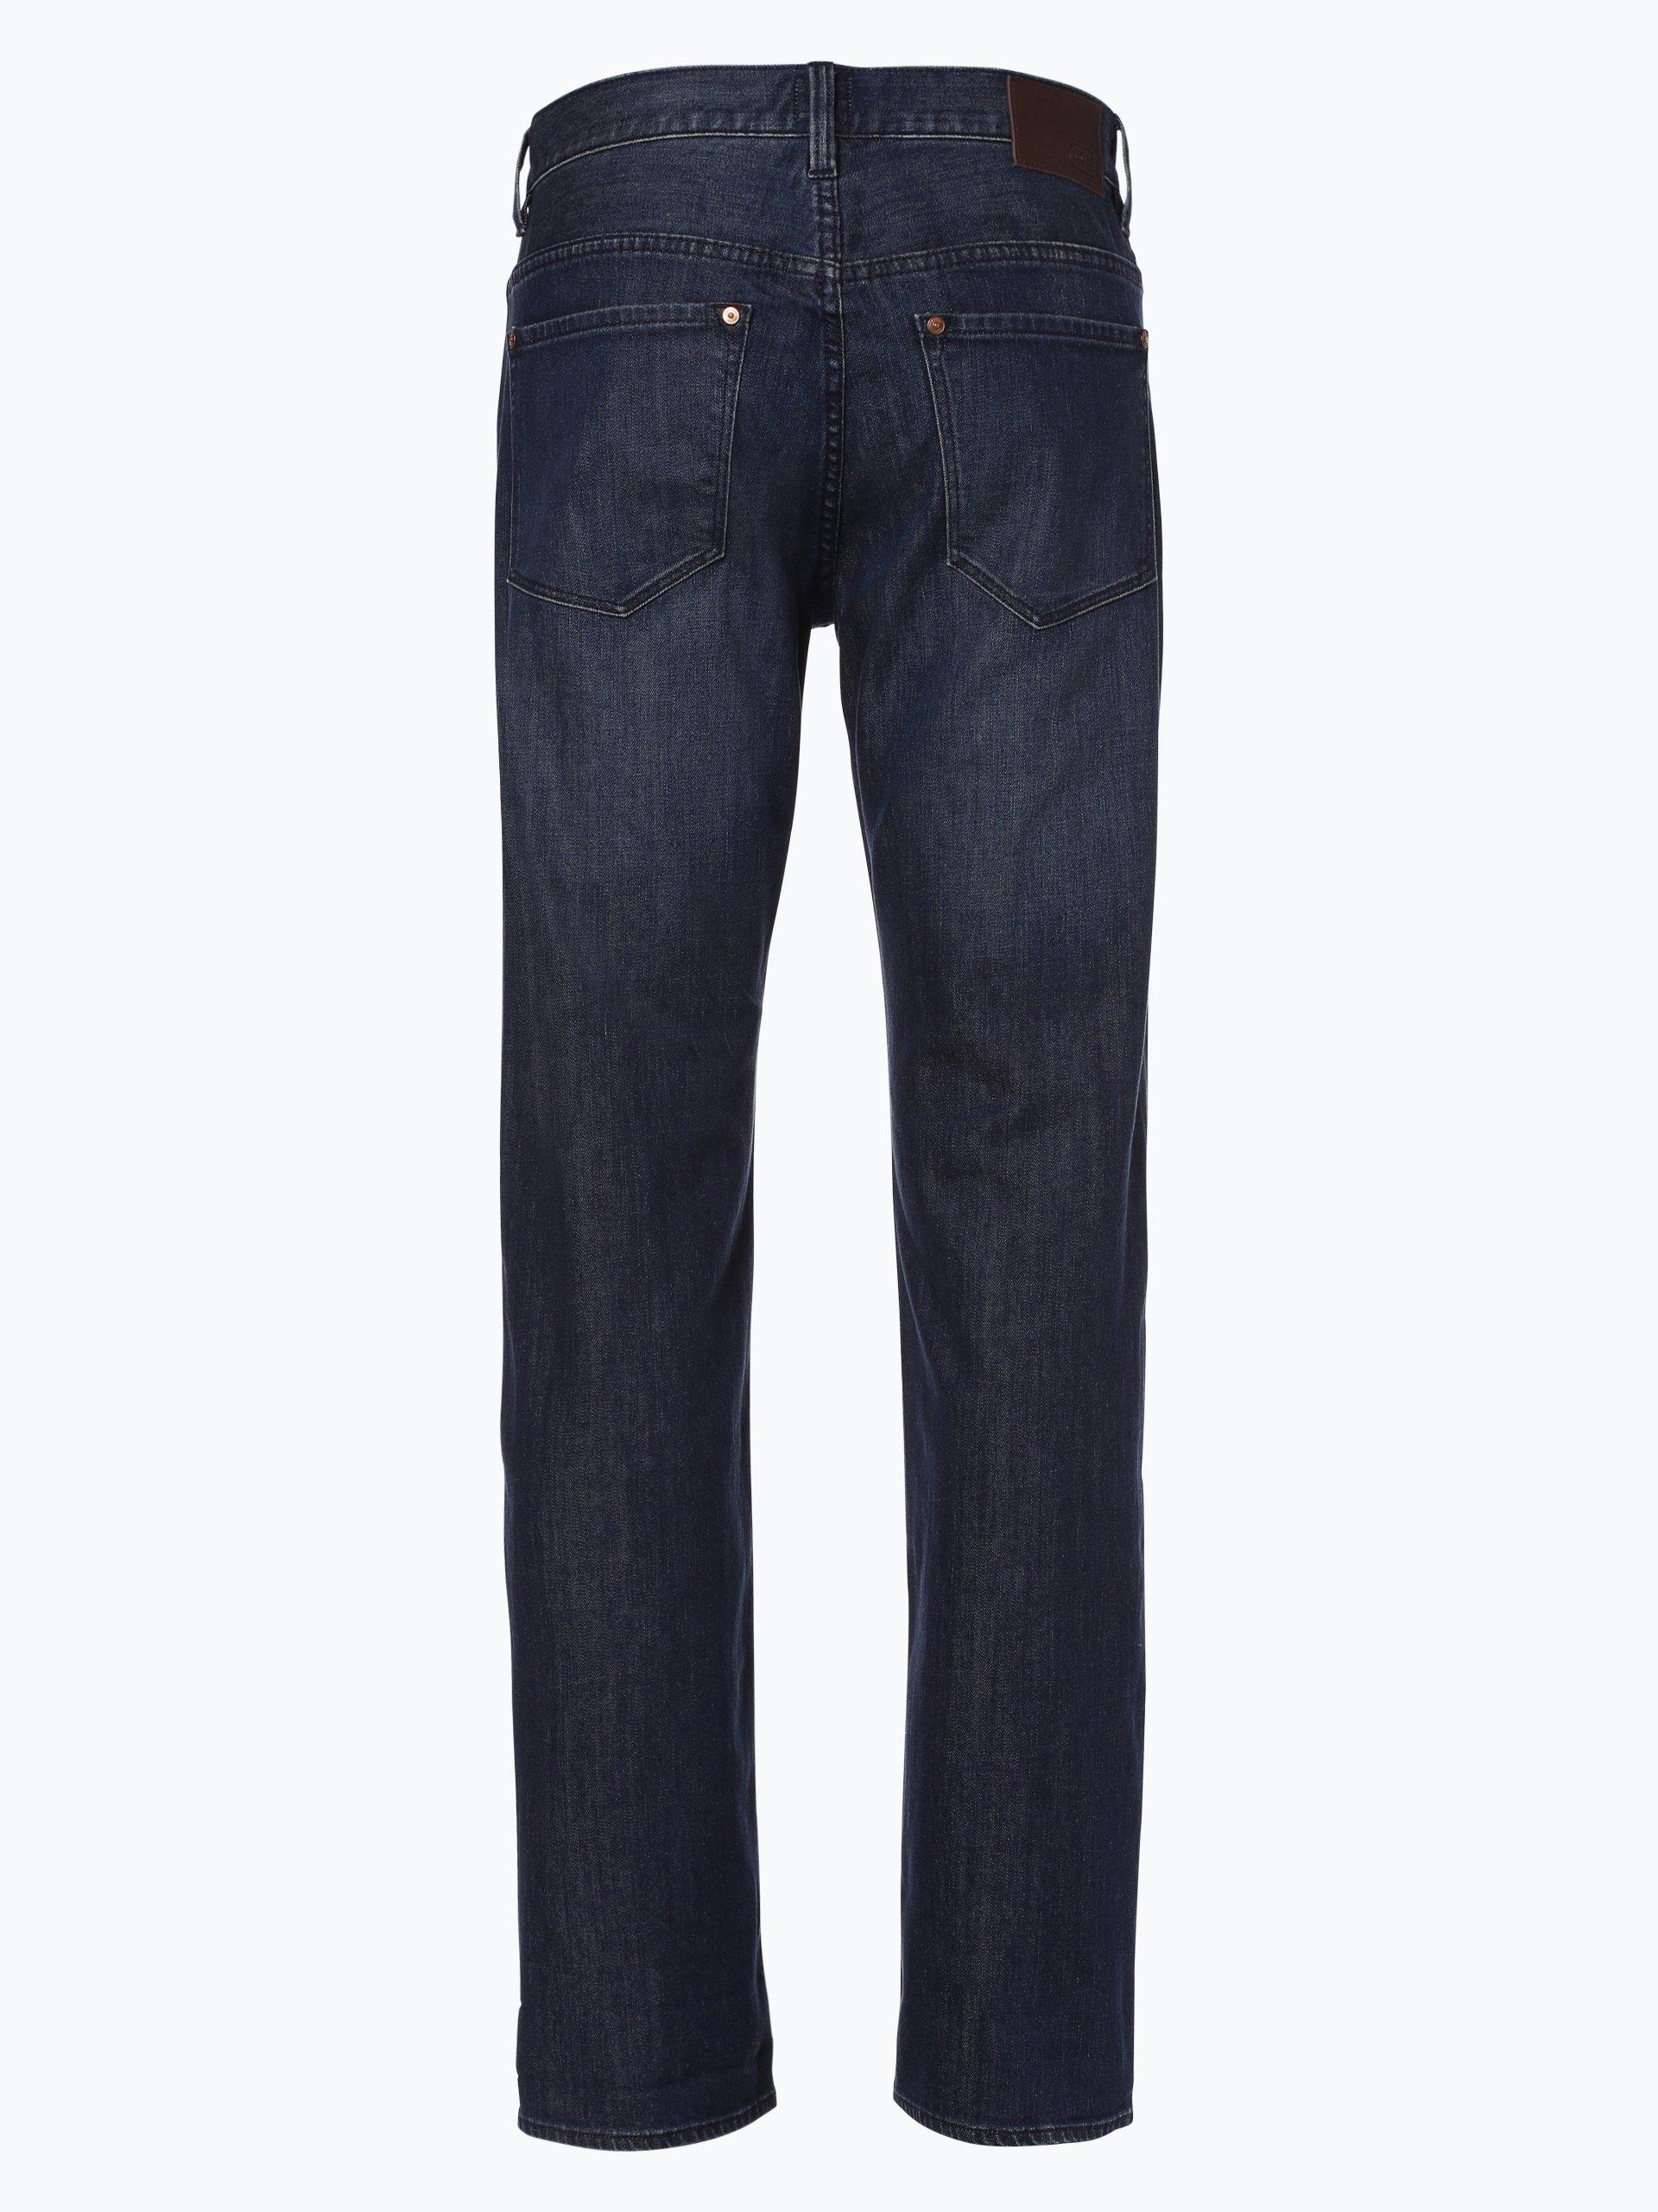 boss athleisure herren jeans c kansas blau uni online kaufen peek und cloppenburg de. Black Bedroom Furniture Sets. Home Design Ideas